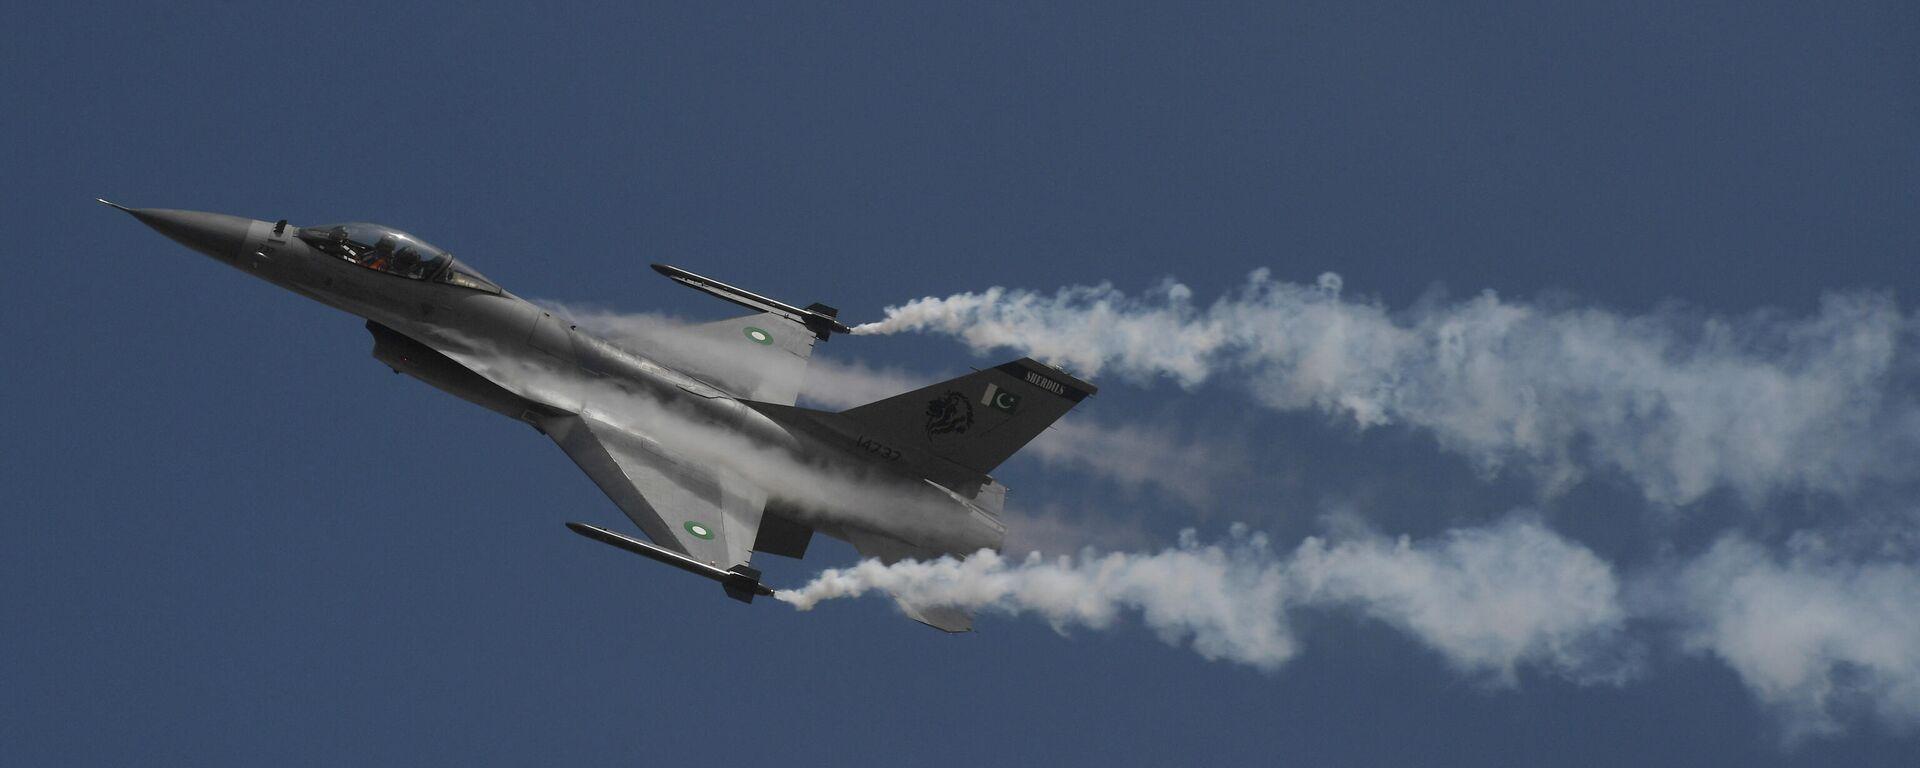 Пакистанский истребитель F-16, архивное фото - Sputnik Таджикистан, 1920, 08.09.2021